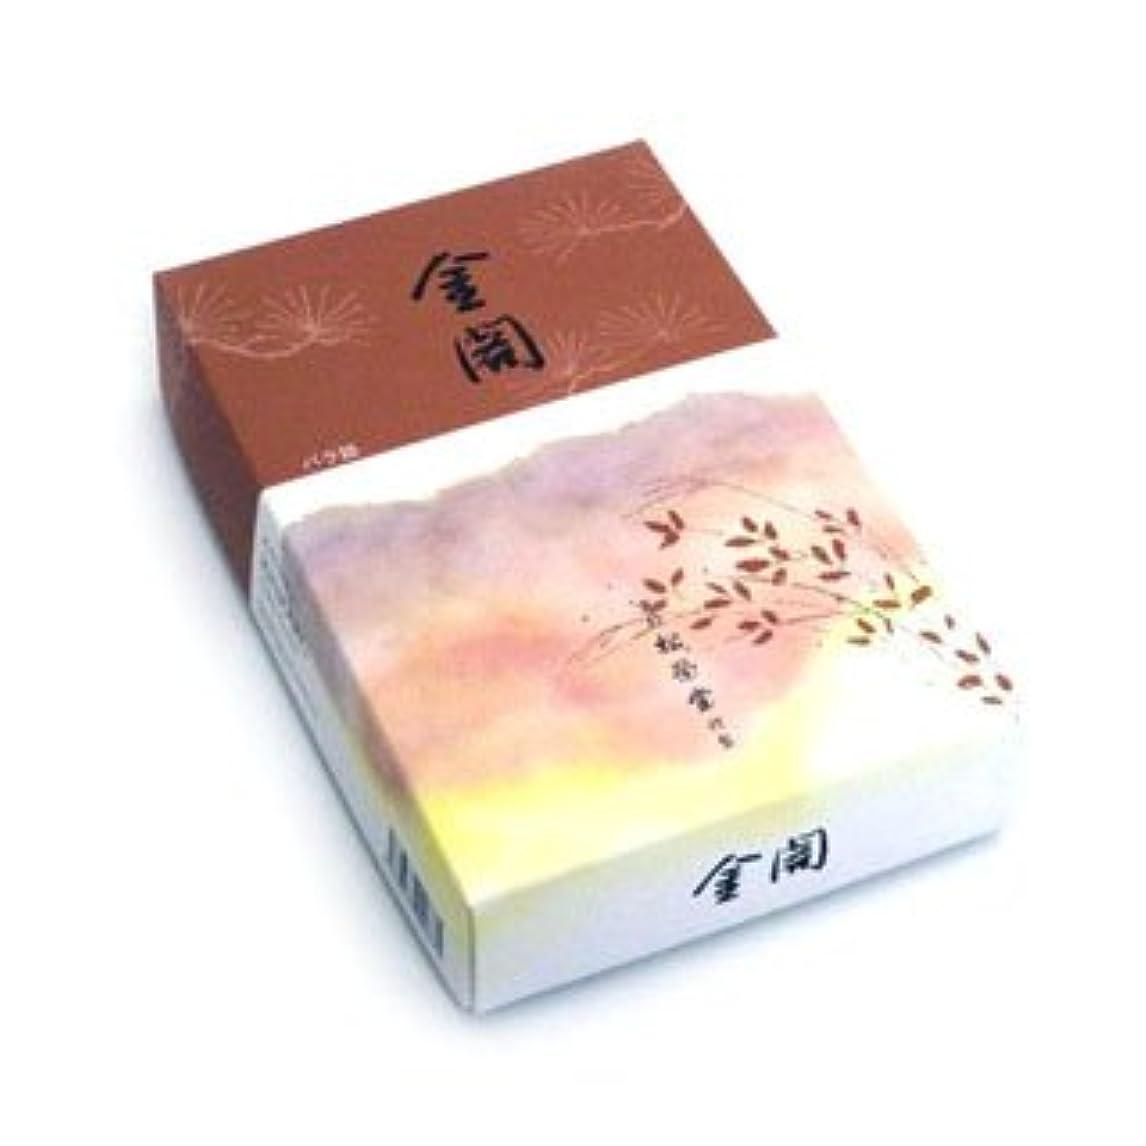 に関してルアー頼るShoyeido's Golden Pavilion Incense 450 Sticks - Kin-kaku, New.